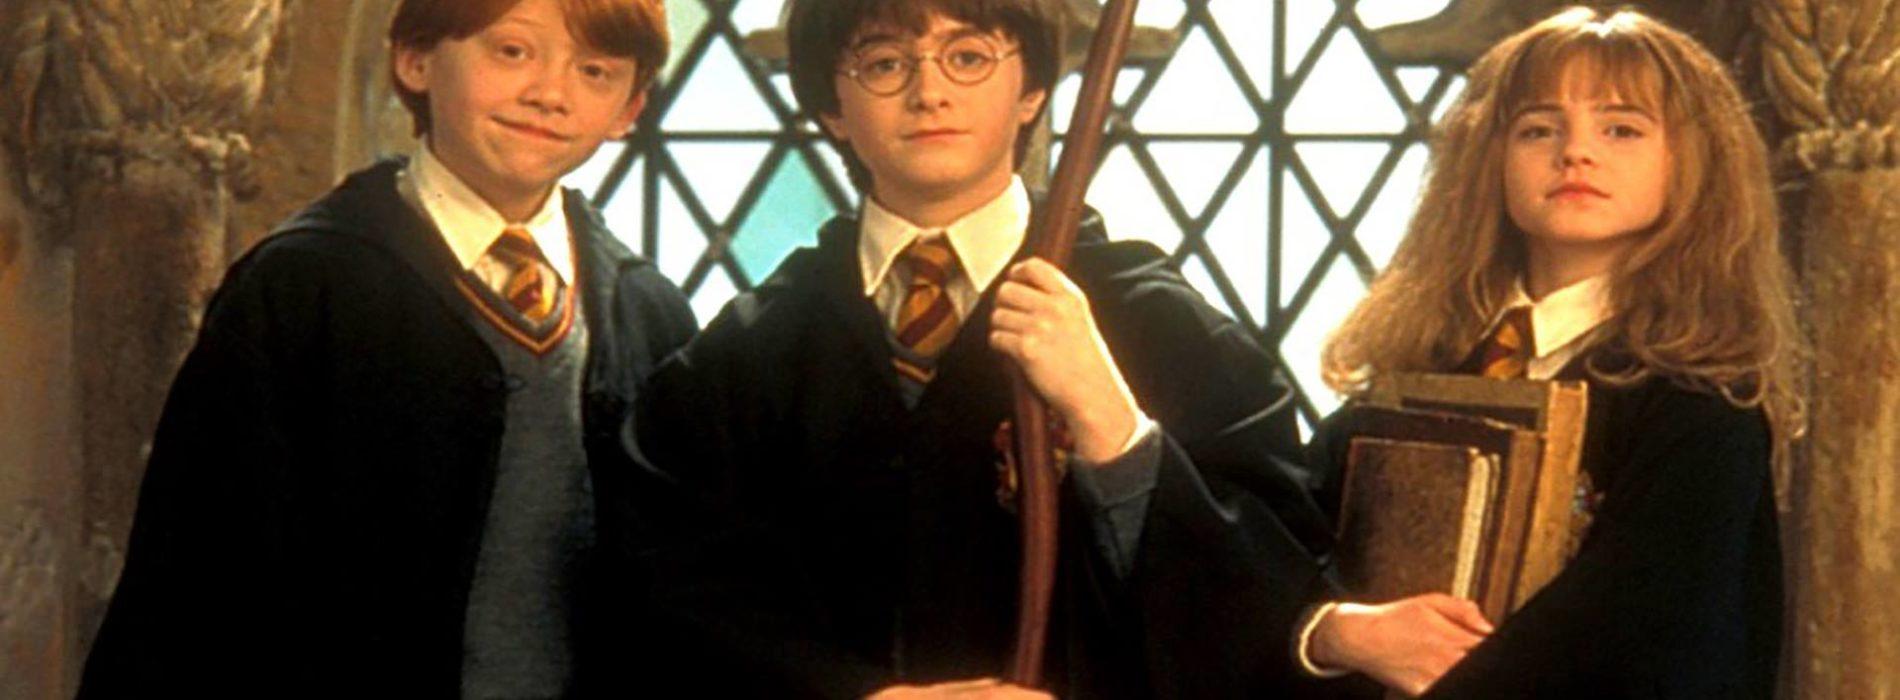 Il cine-concerto di Harry Potter arriva a Napoli: ecco le date